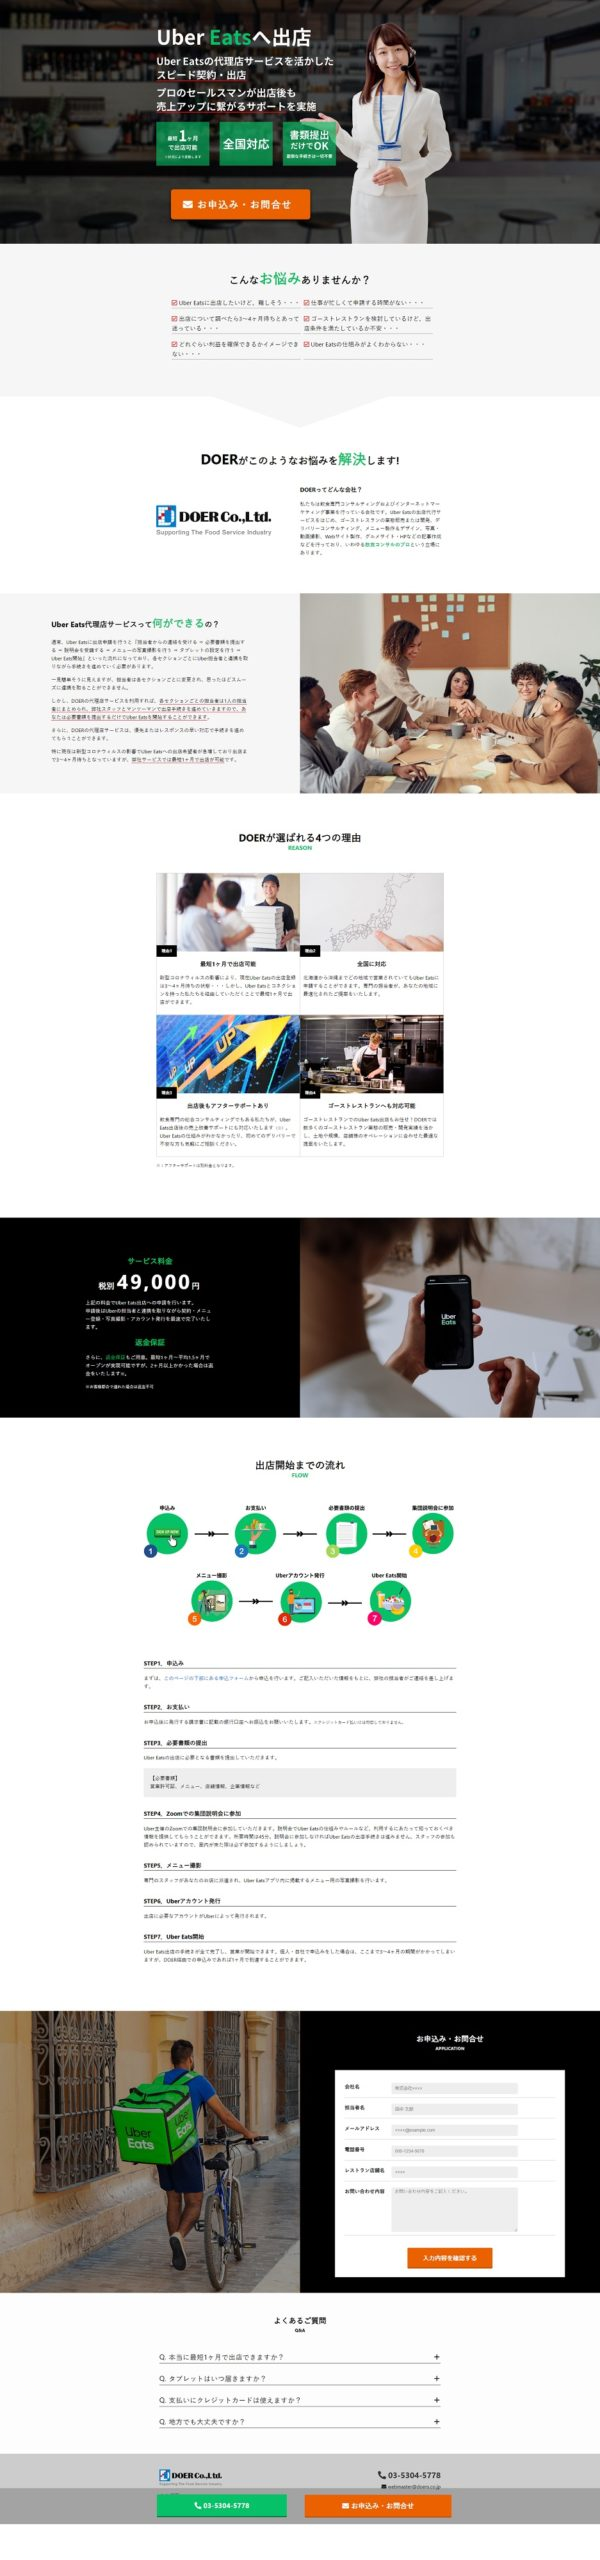 Uber Eats出店代行サービス | 株式会社DOER | PCデザイン